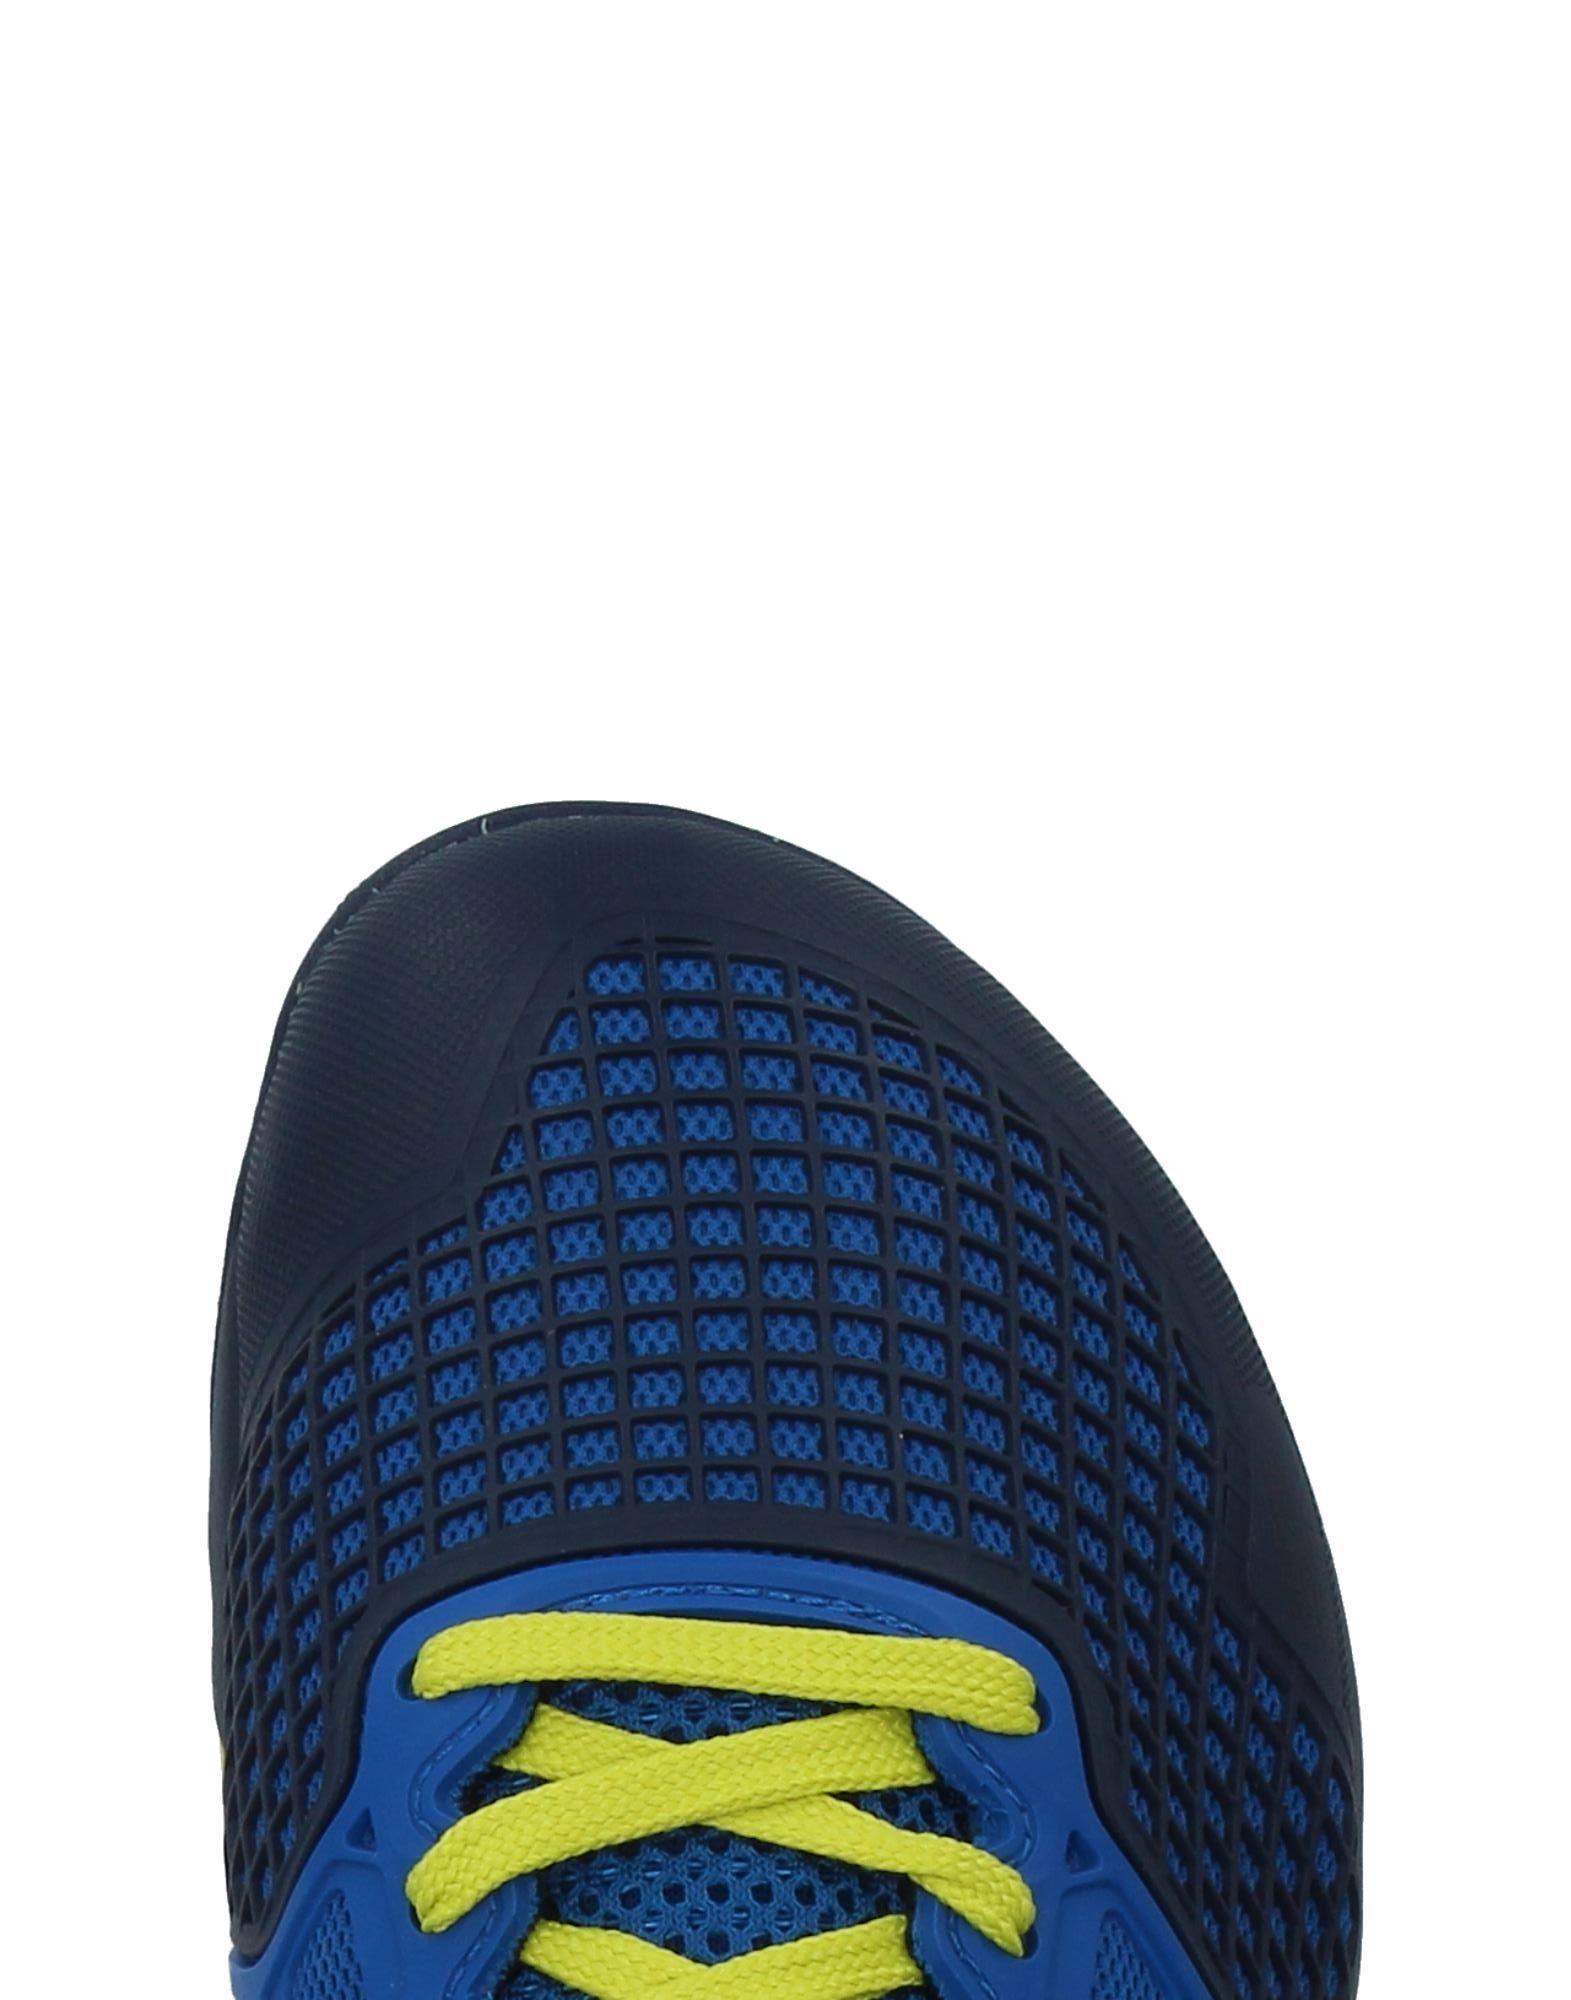 Reebok Sneakers Herren  11407609RE Heiße Heiße Heiße Schuhe 37ae04